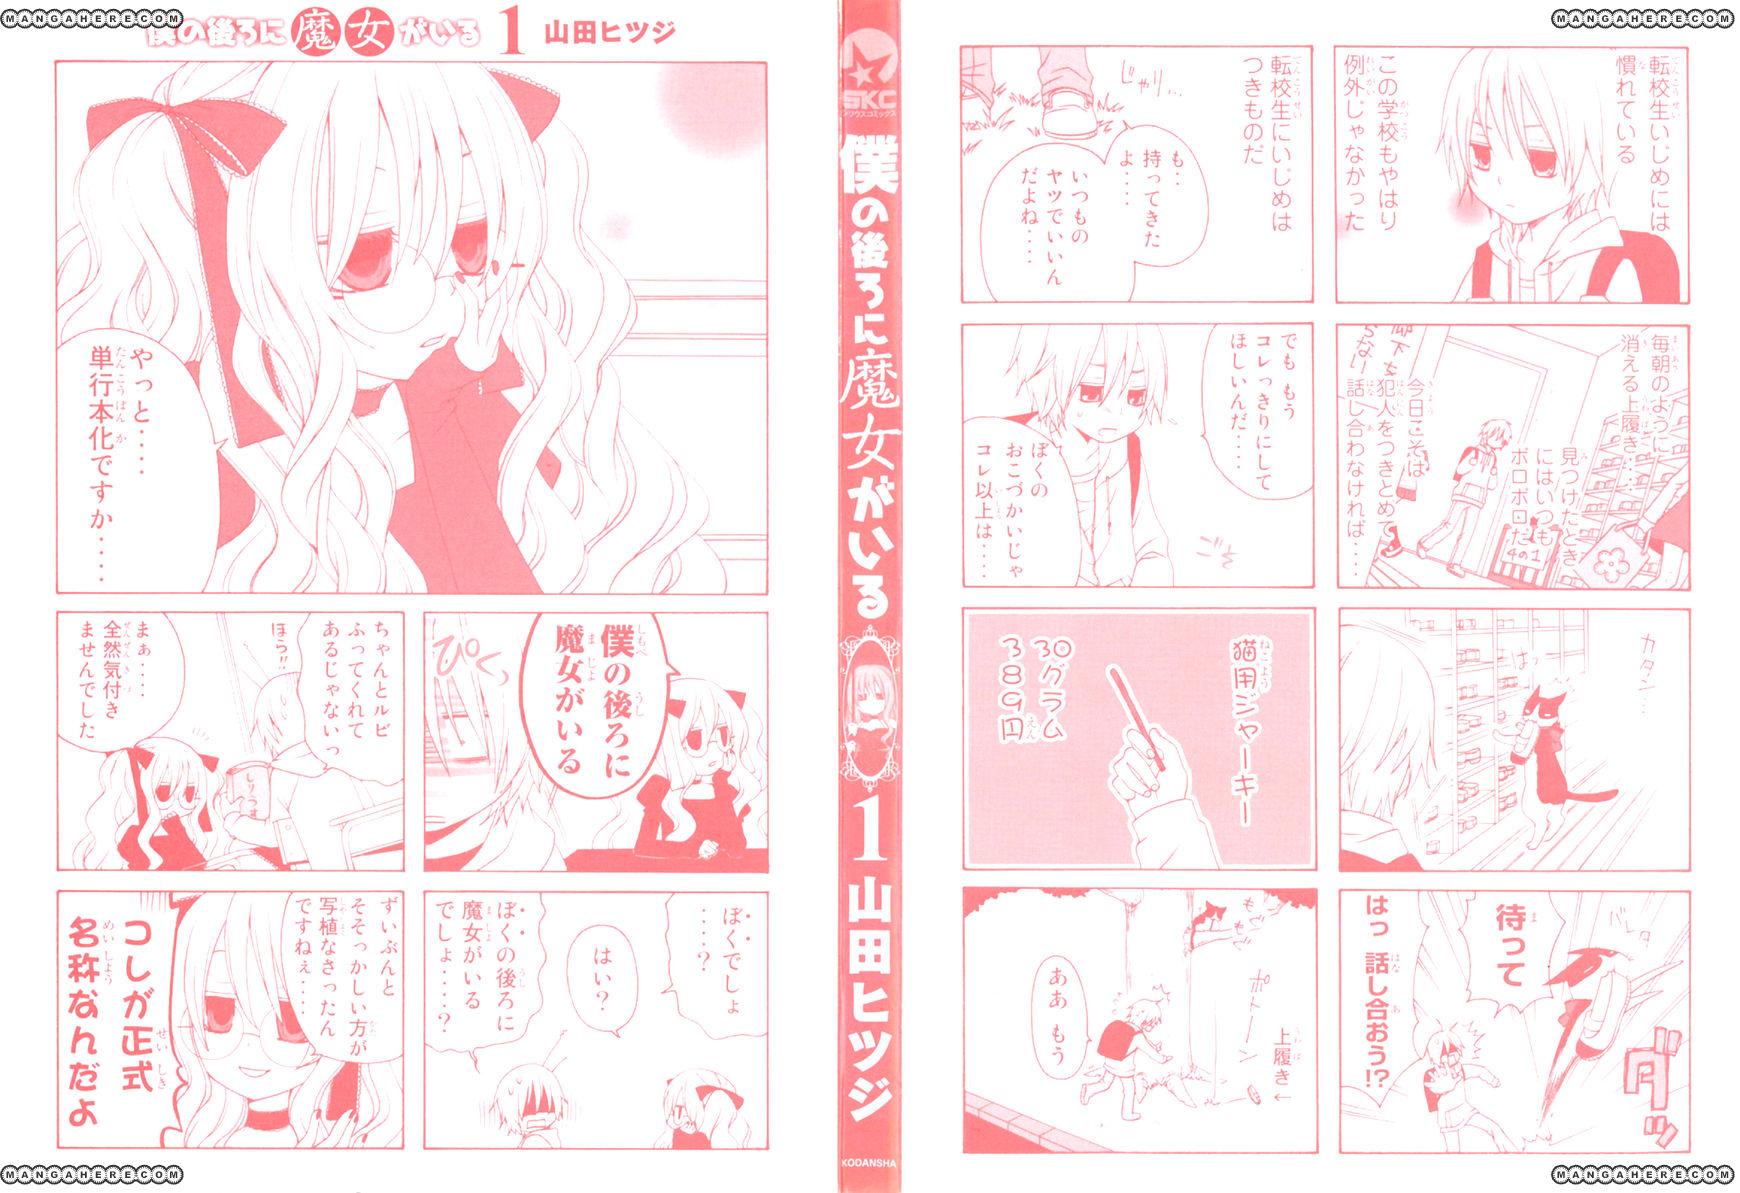 Boku no Ushiro ni Majo ga Iru 1 Page 3